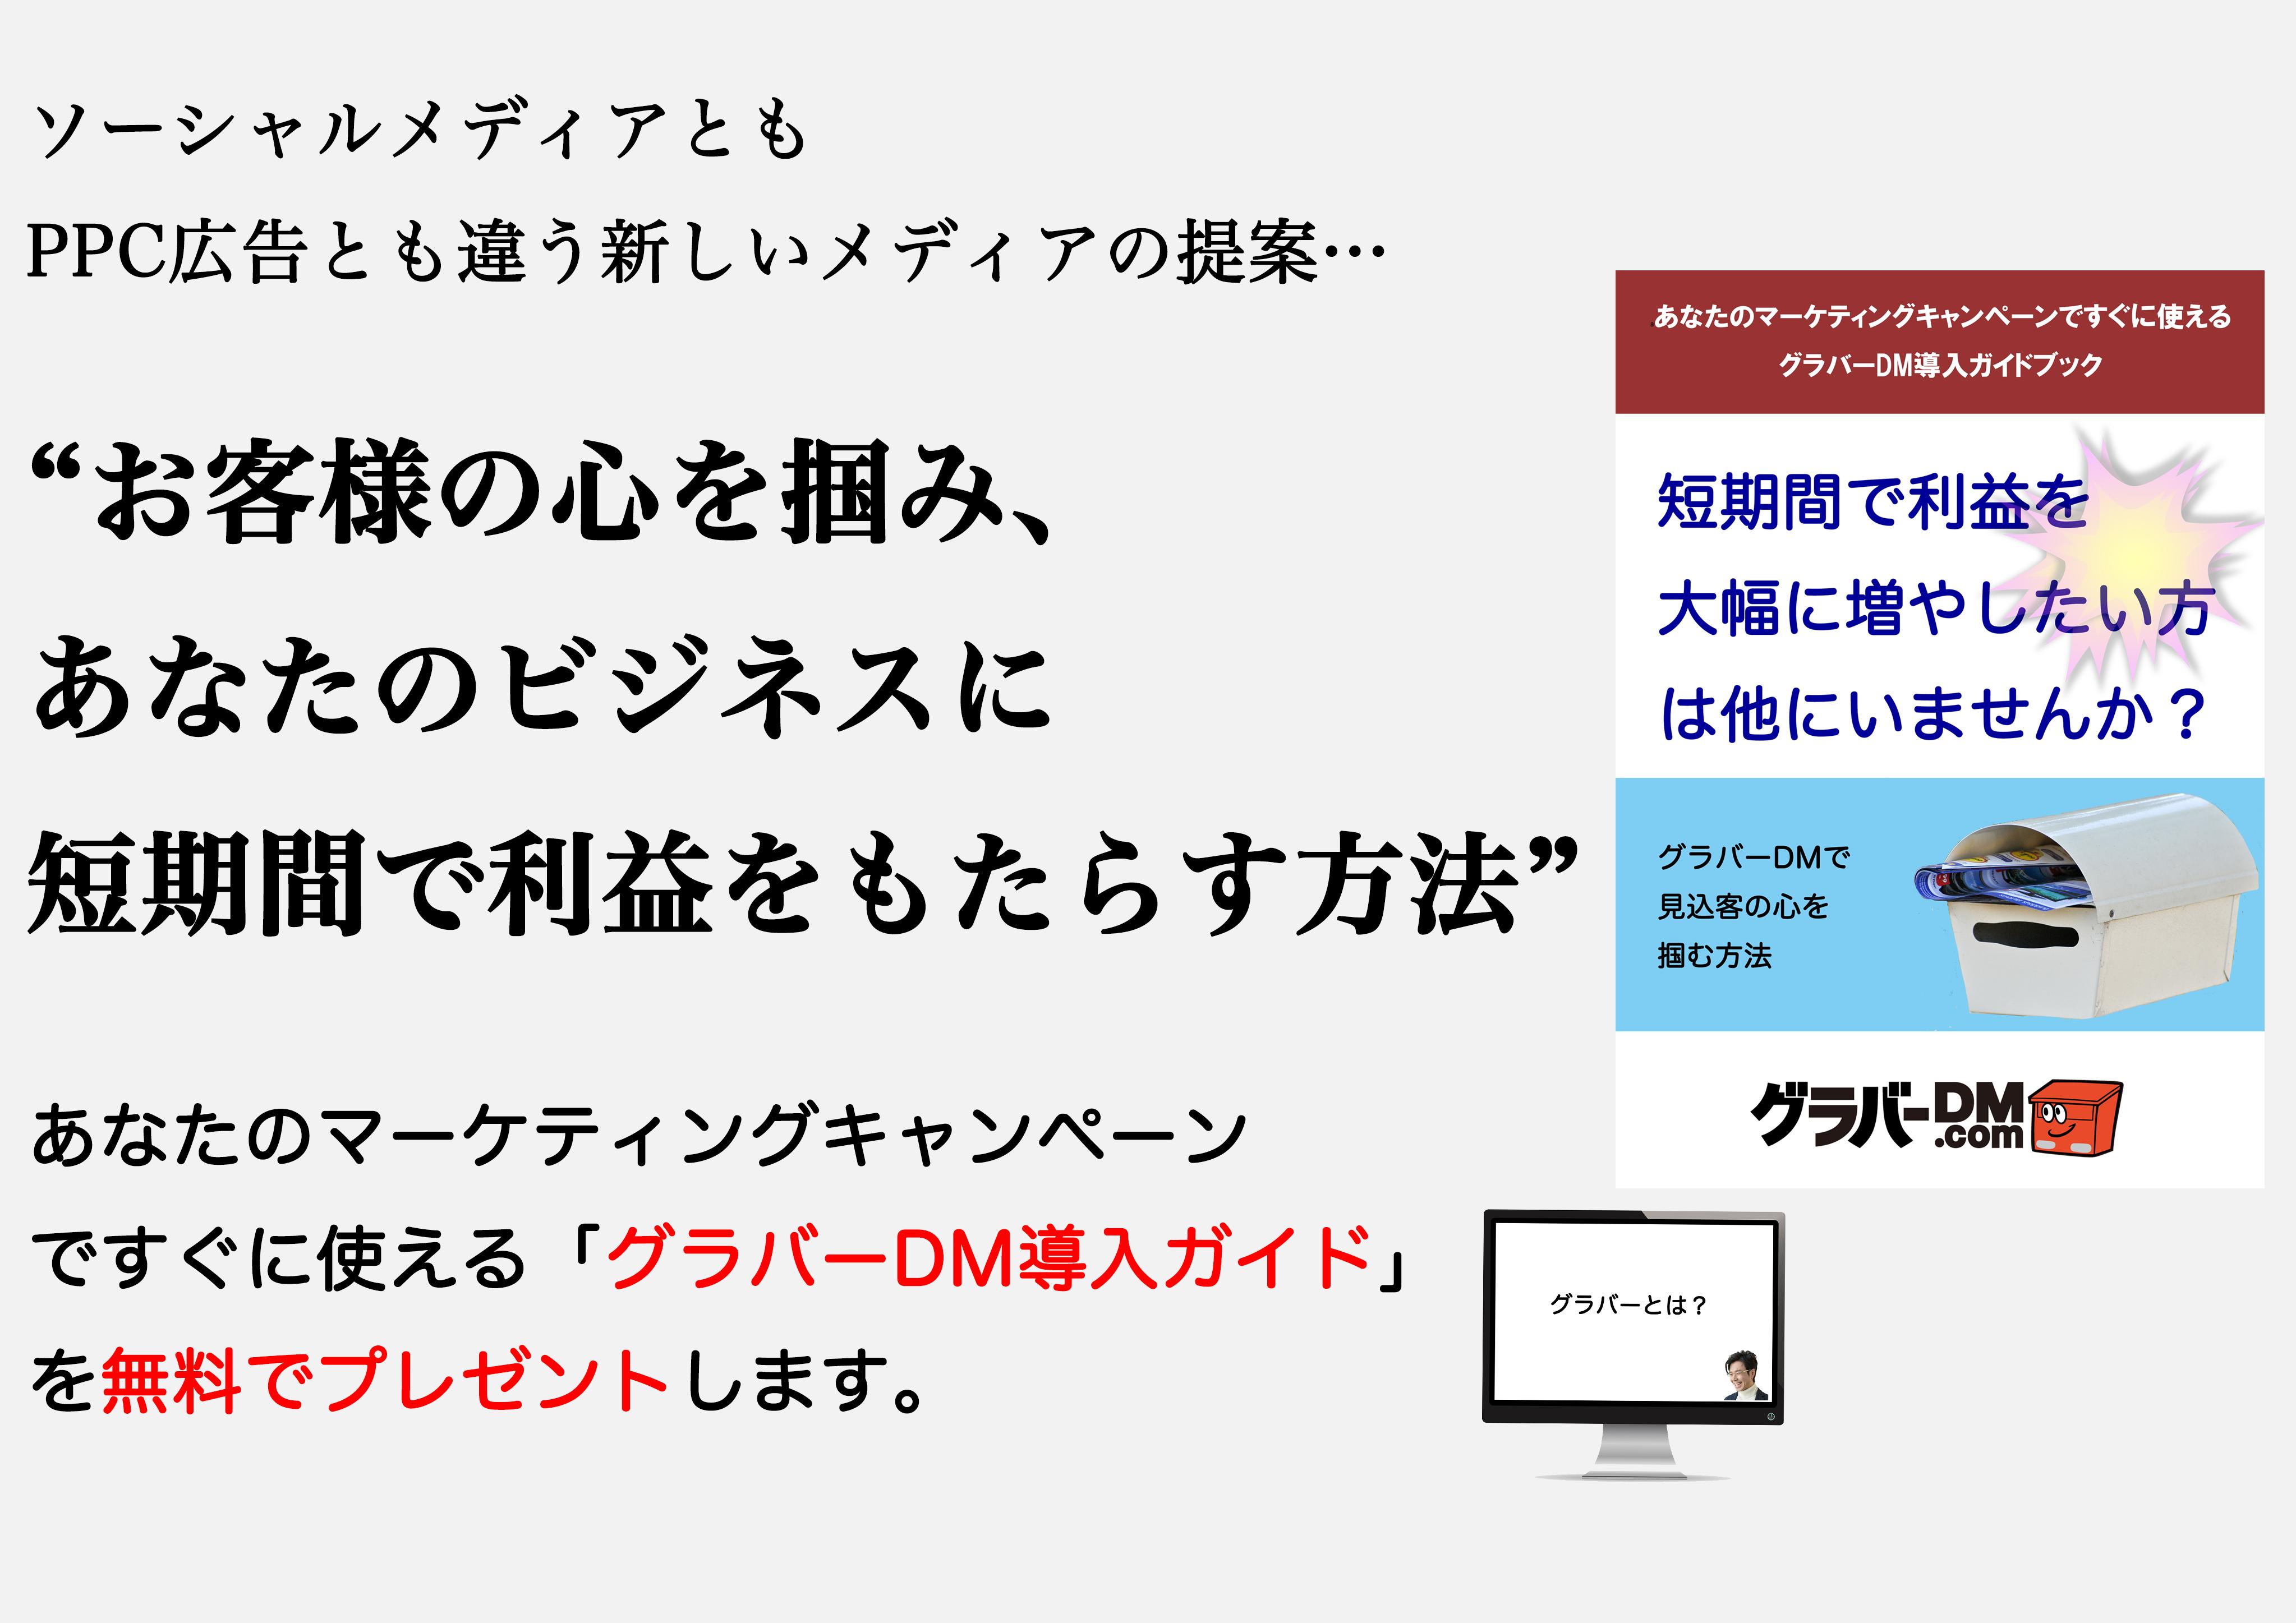 無料!「グラバーDM導入ガイドブック」